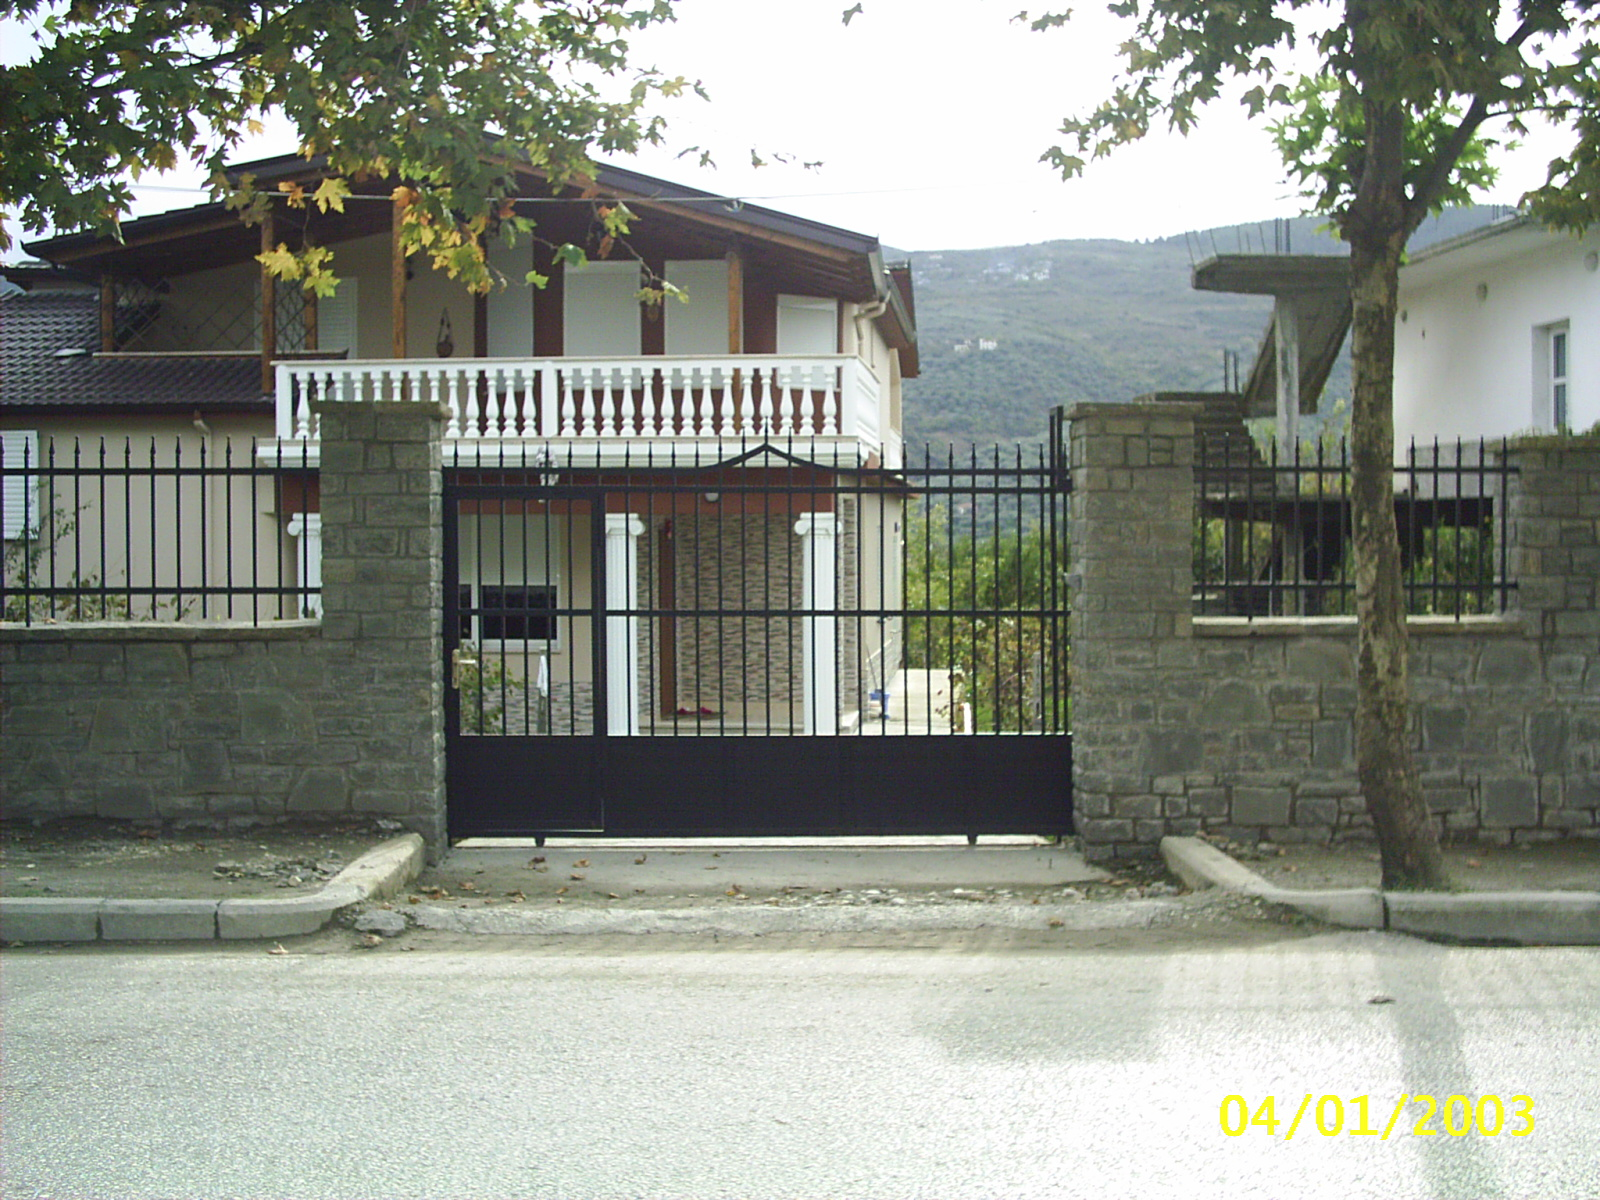 Rivestimenti esterni casa: ristrutturazione esterno casa fidenza ...